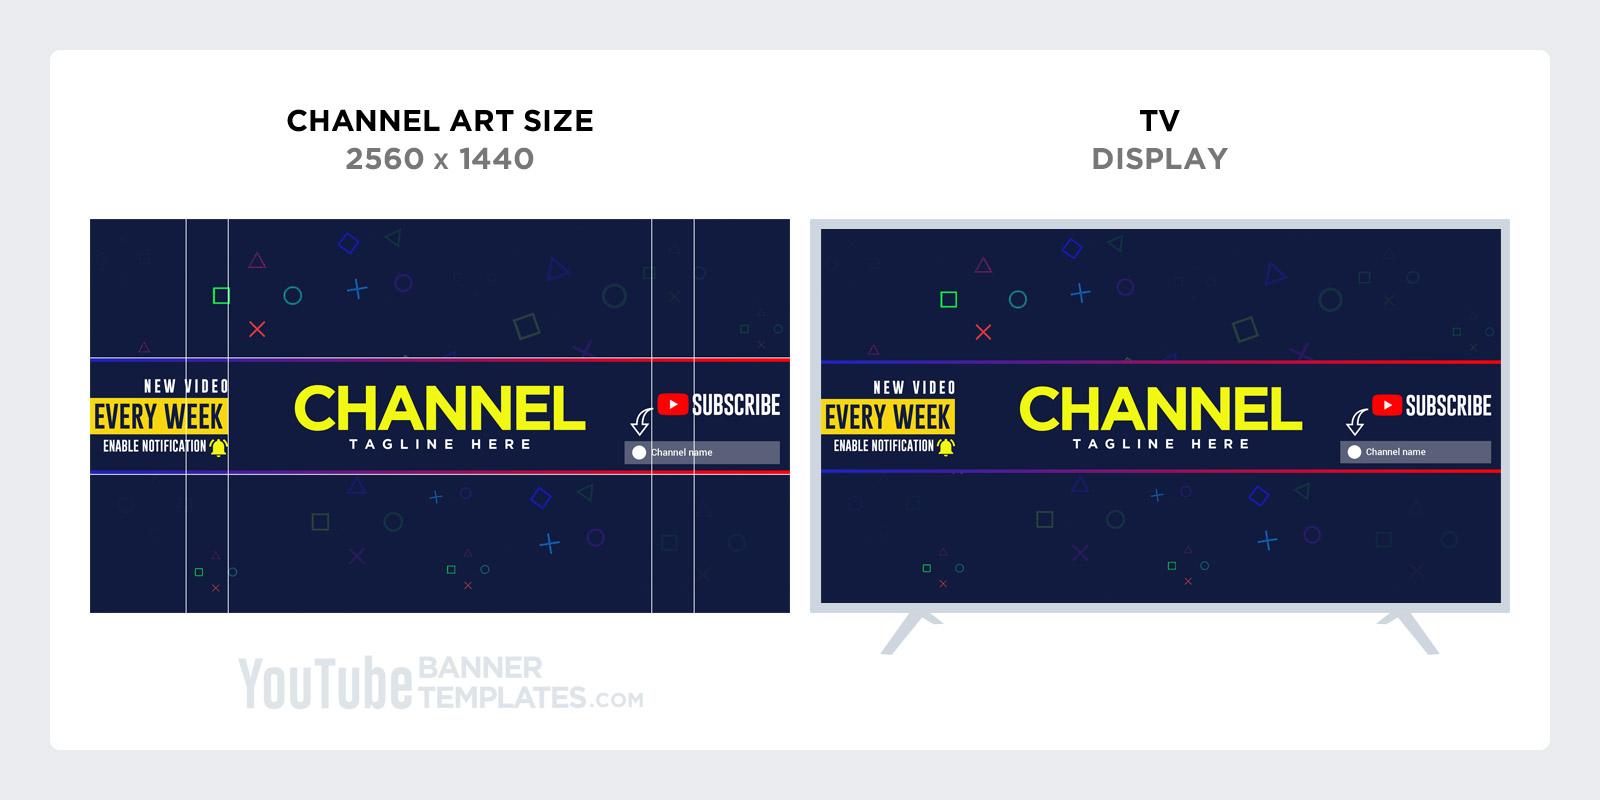 YouTube Banner Design for TV